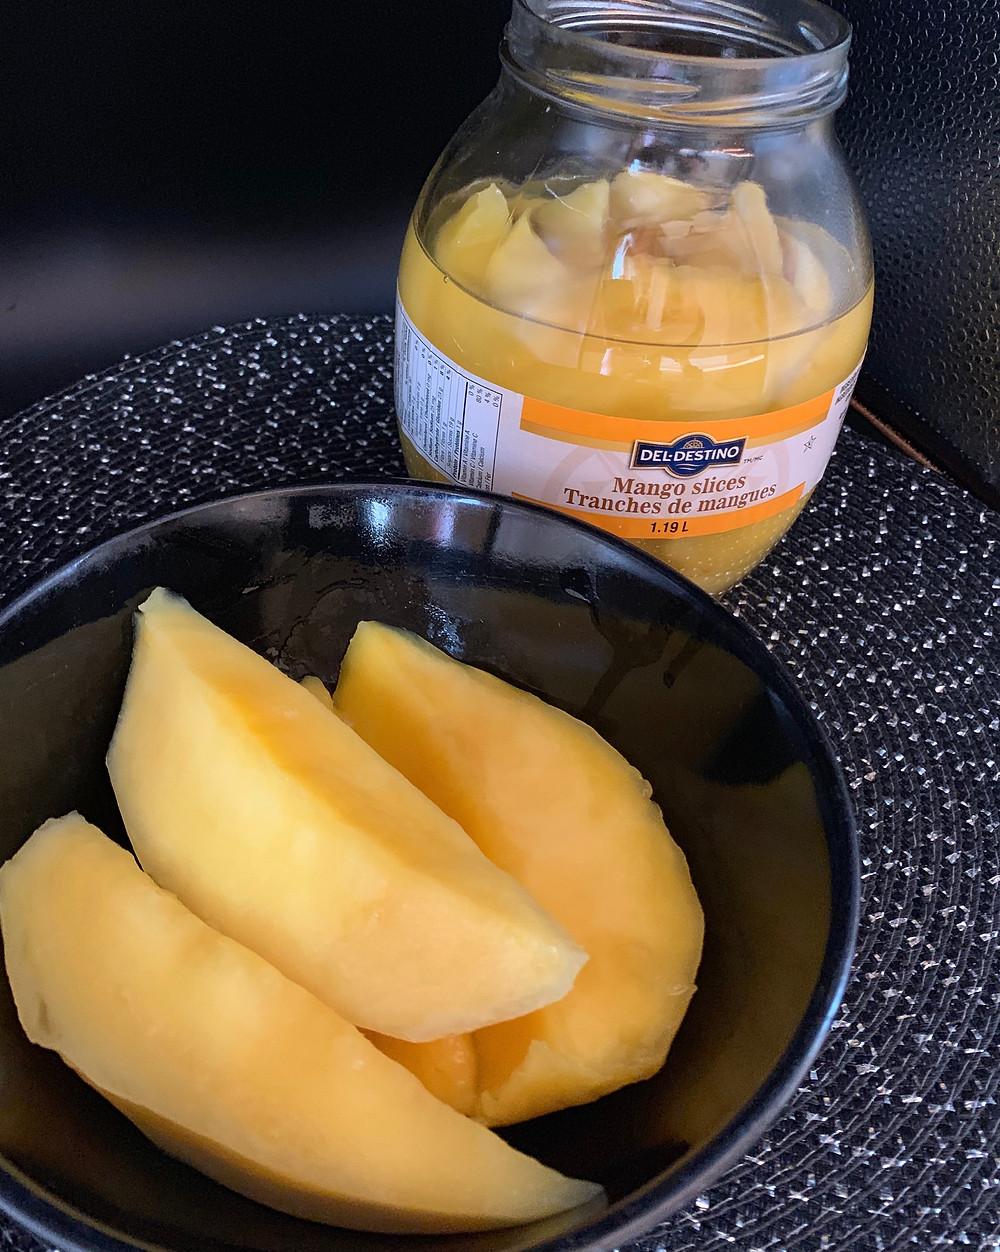 Costco Del Destino Mango Slices